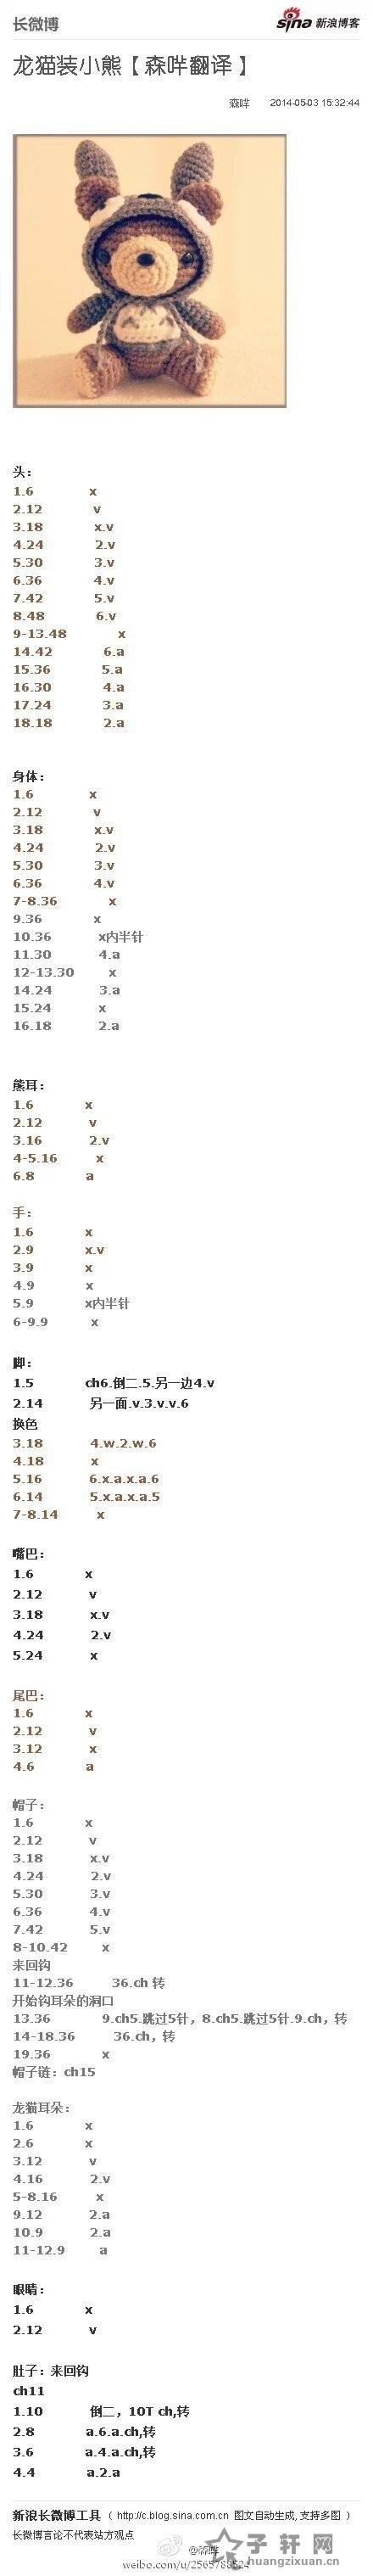 龙猫装小熊 - 手工制作网 - psb (15).jpg